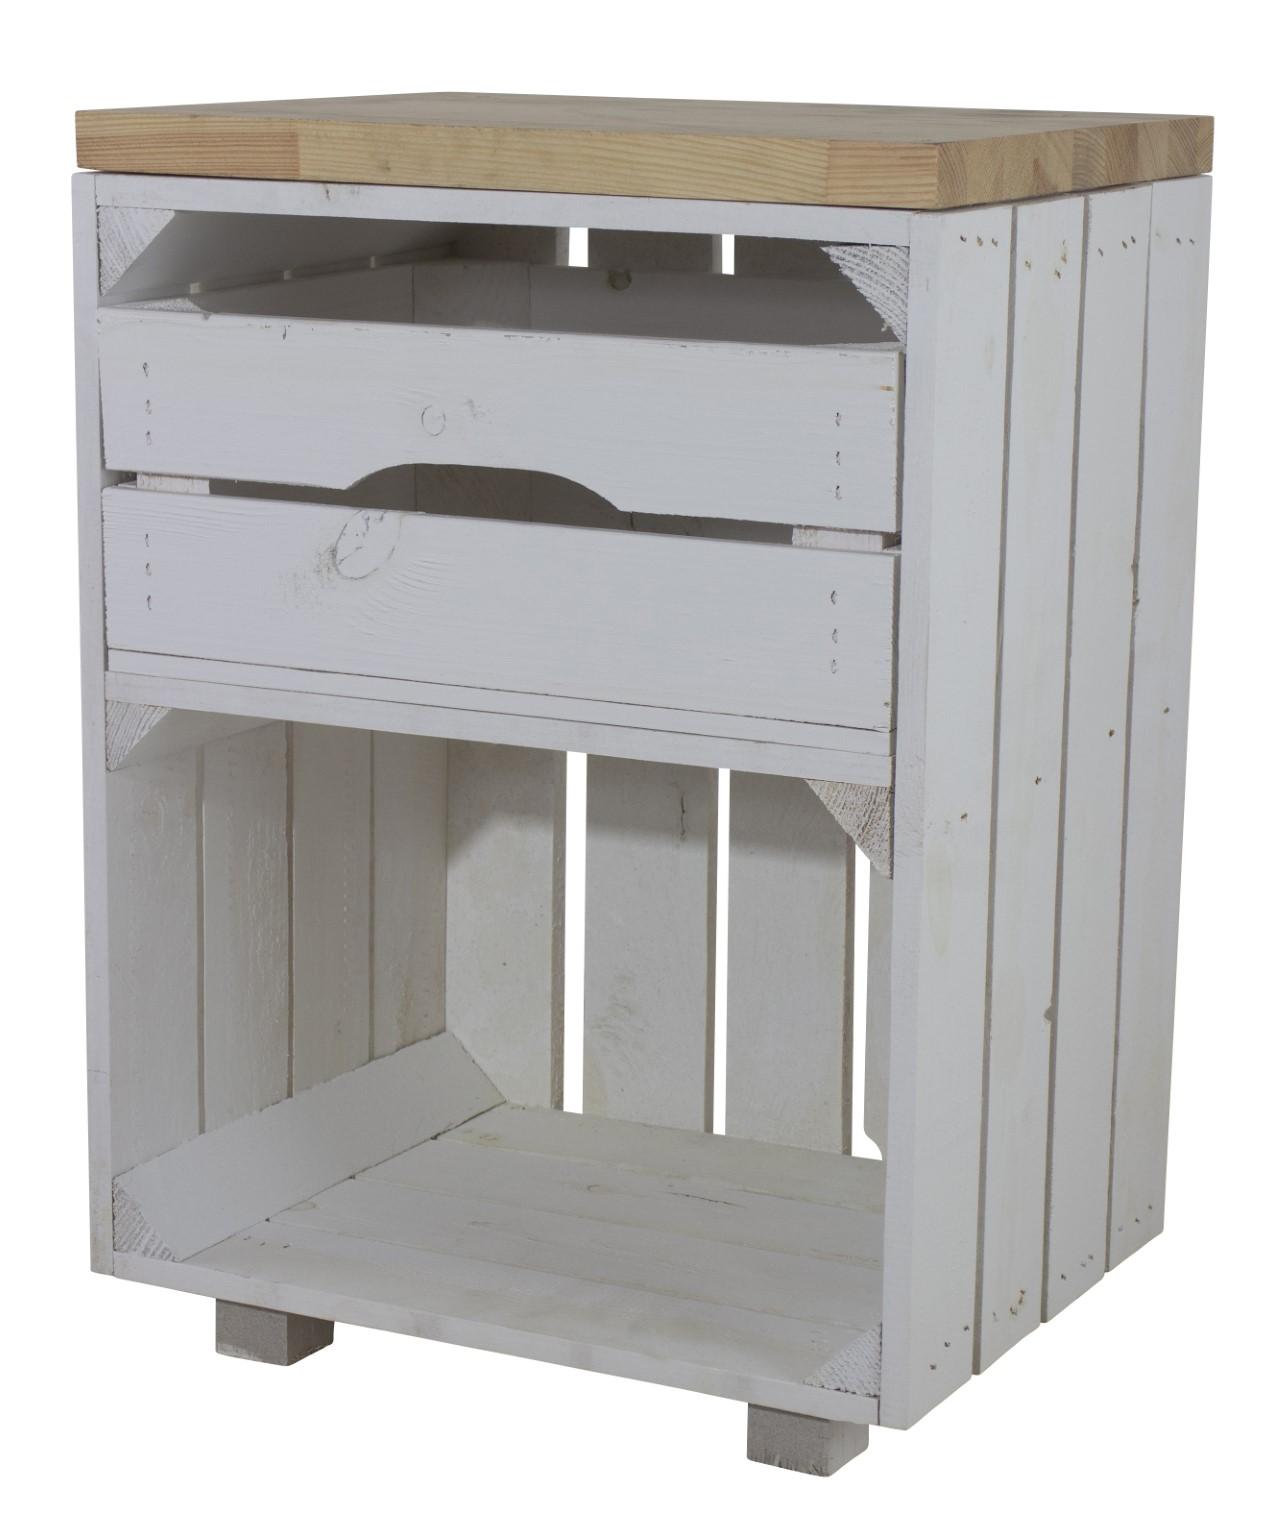 Weißer Nachttisch mit Schublade und Bohlenbrett in natur 30,5x40x57cm